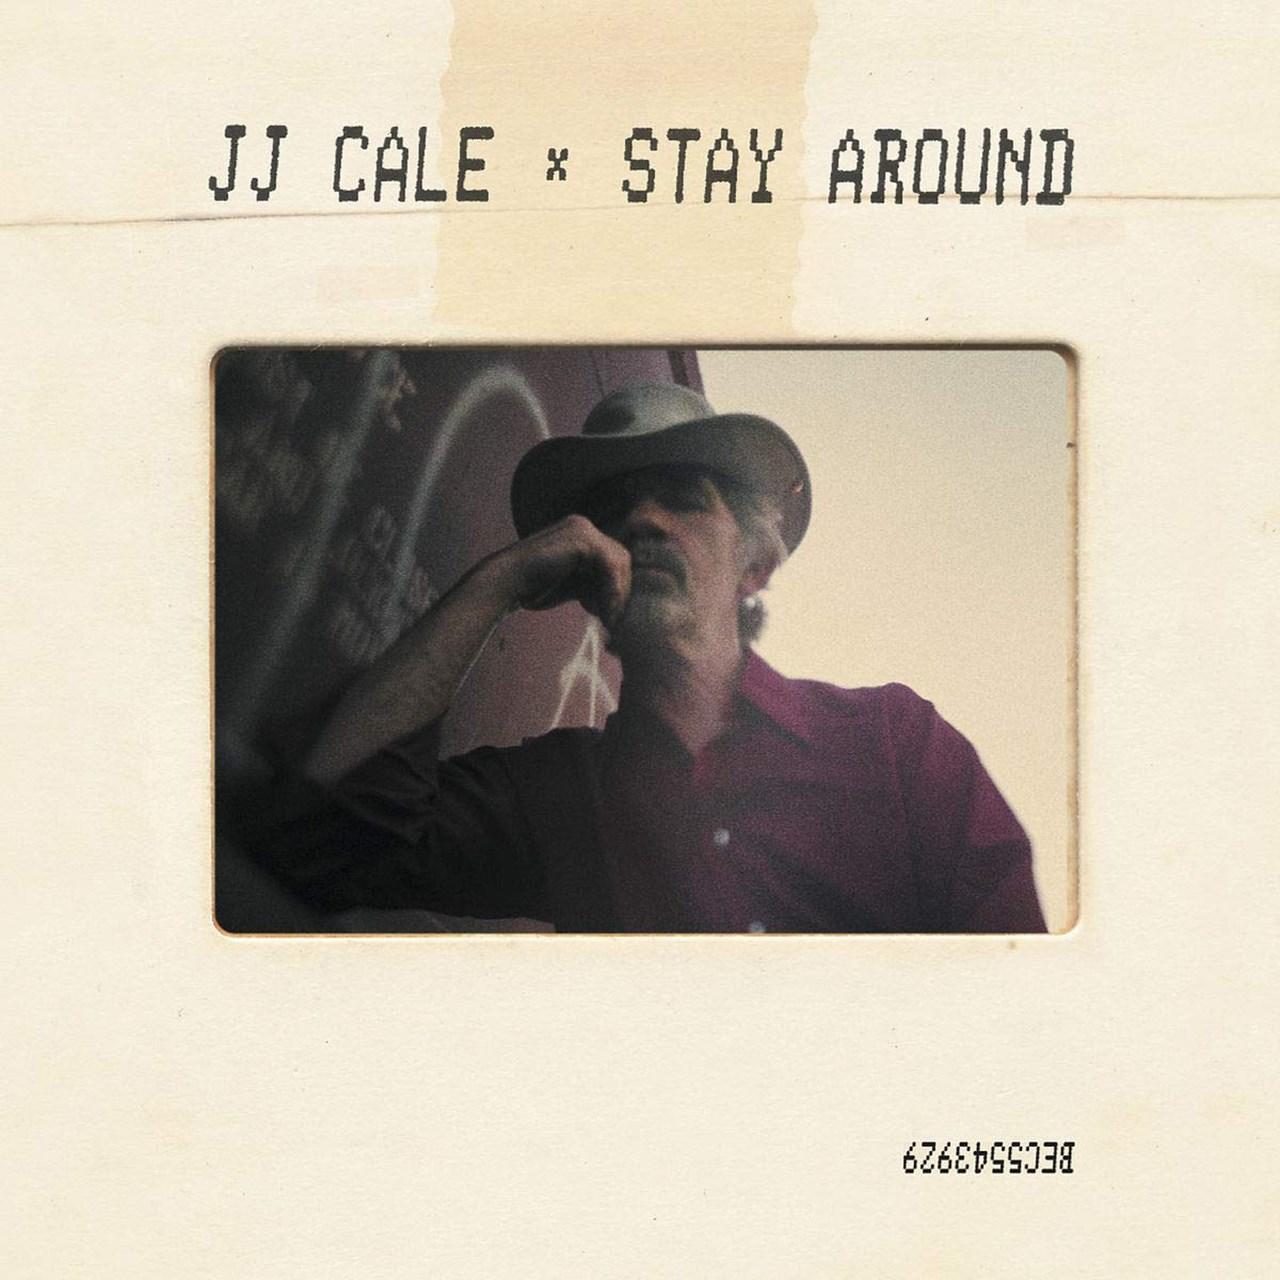 Stay Around - 1